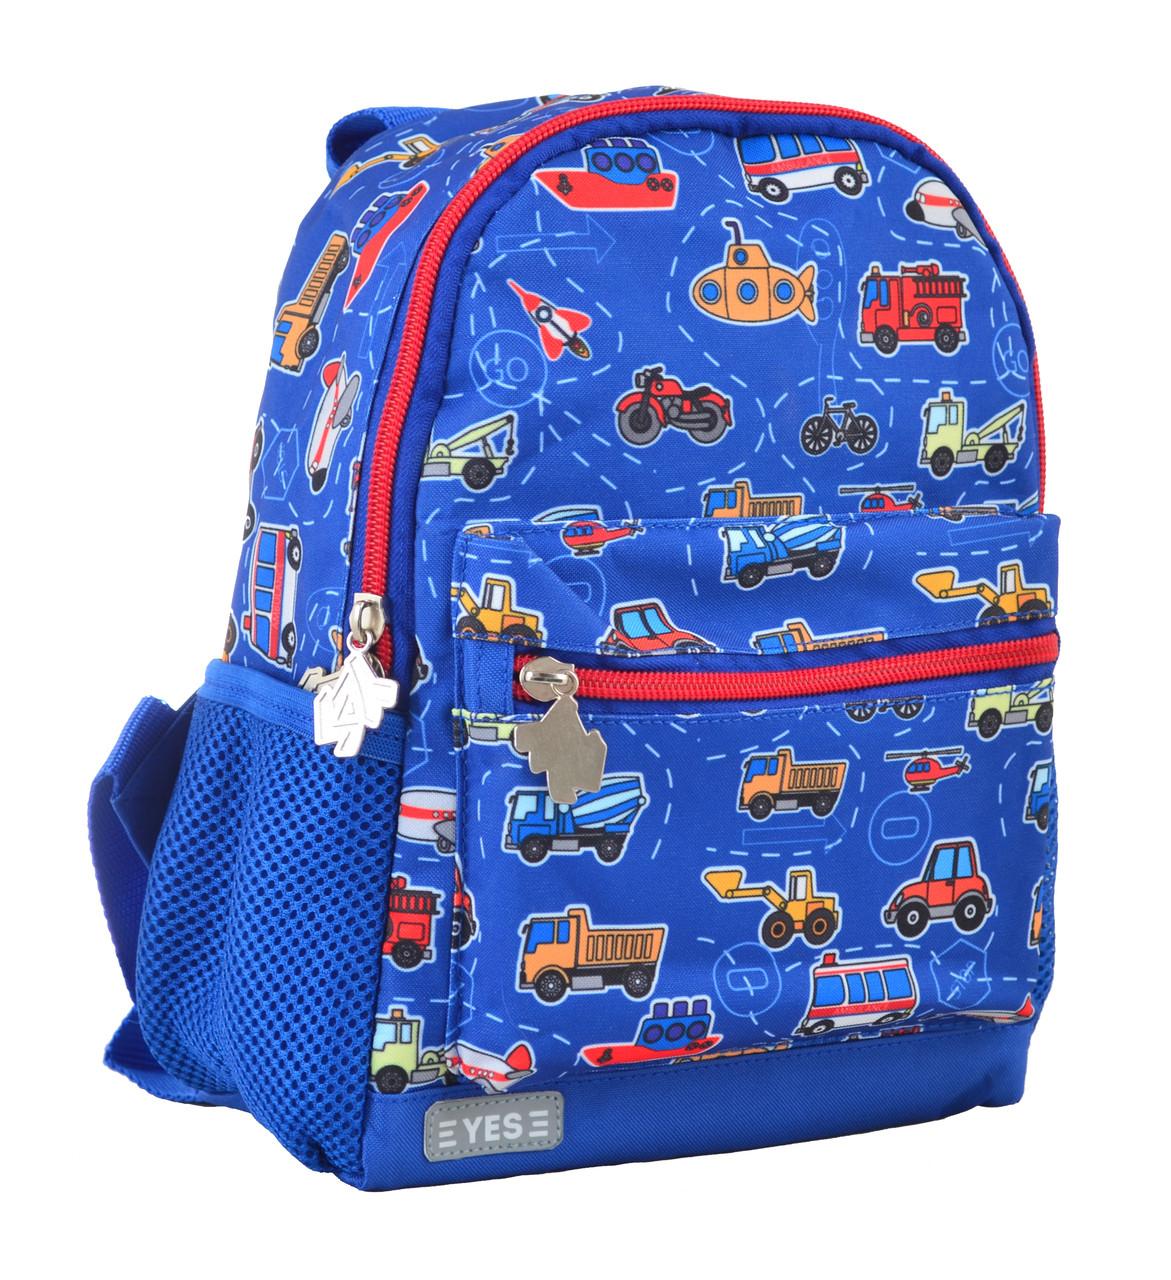 aad3a570ef3c Рюкзак детский K-16 Funny cars, 22.5*18.5*9.5 555070: продажа, цена ...